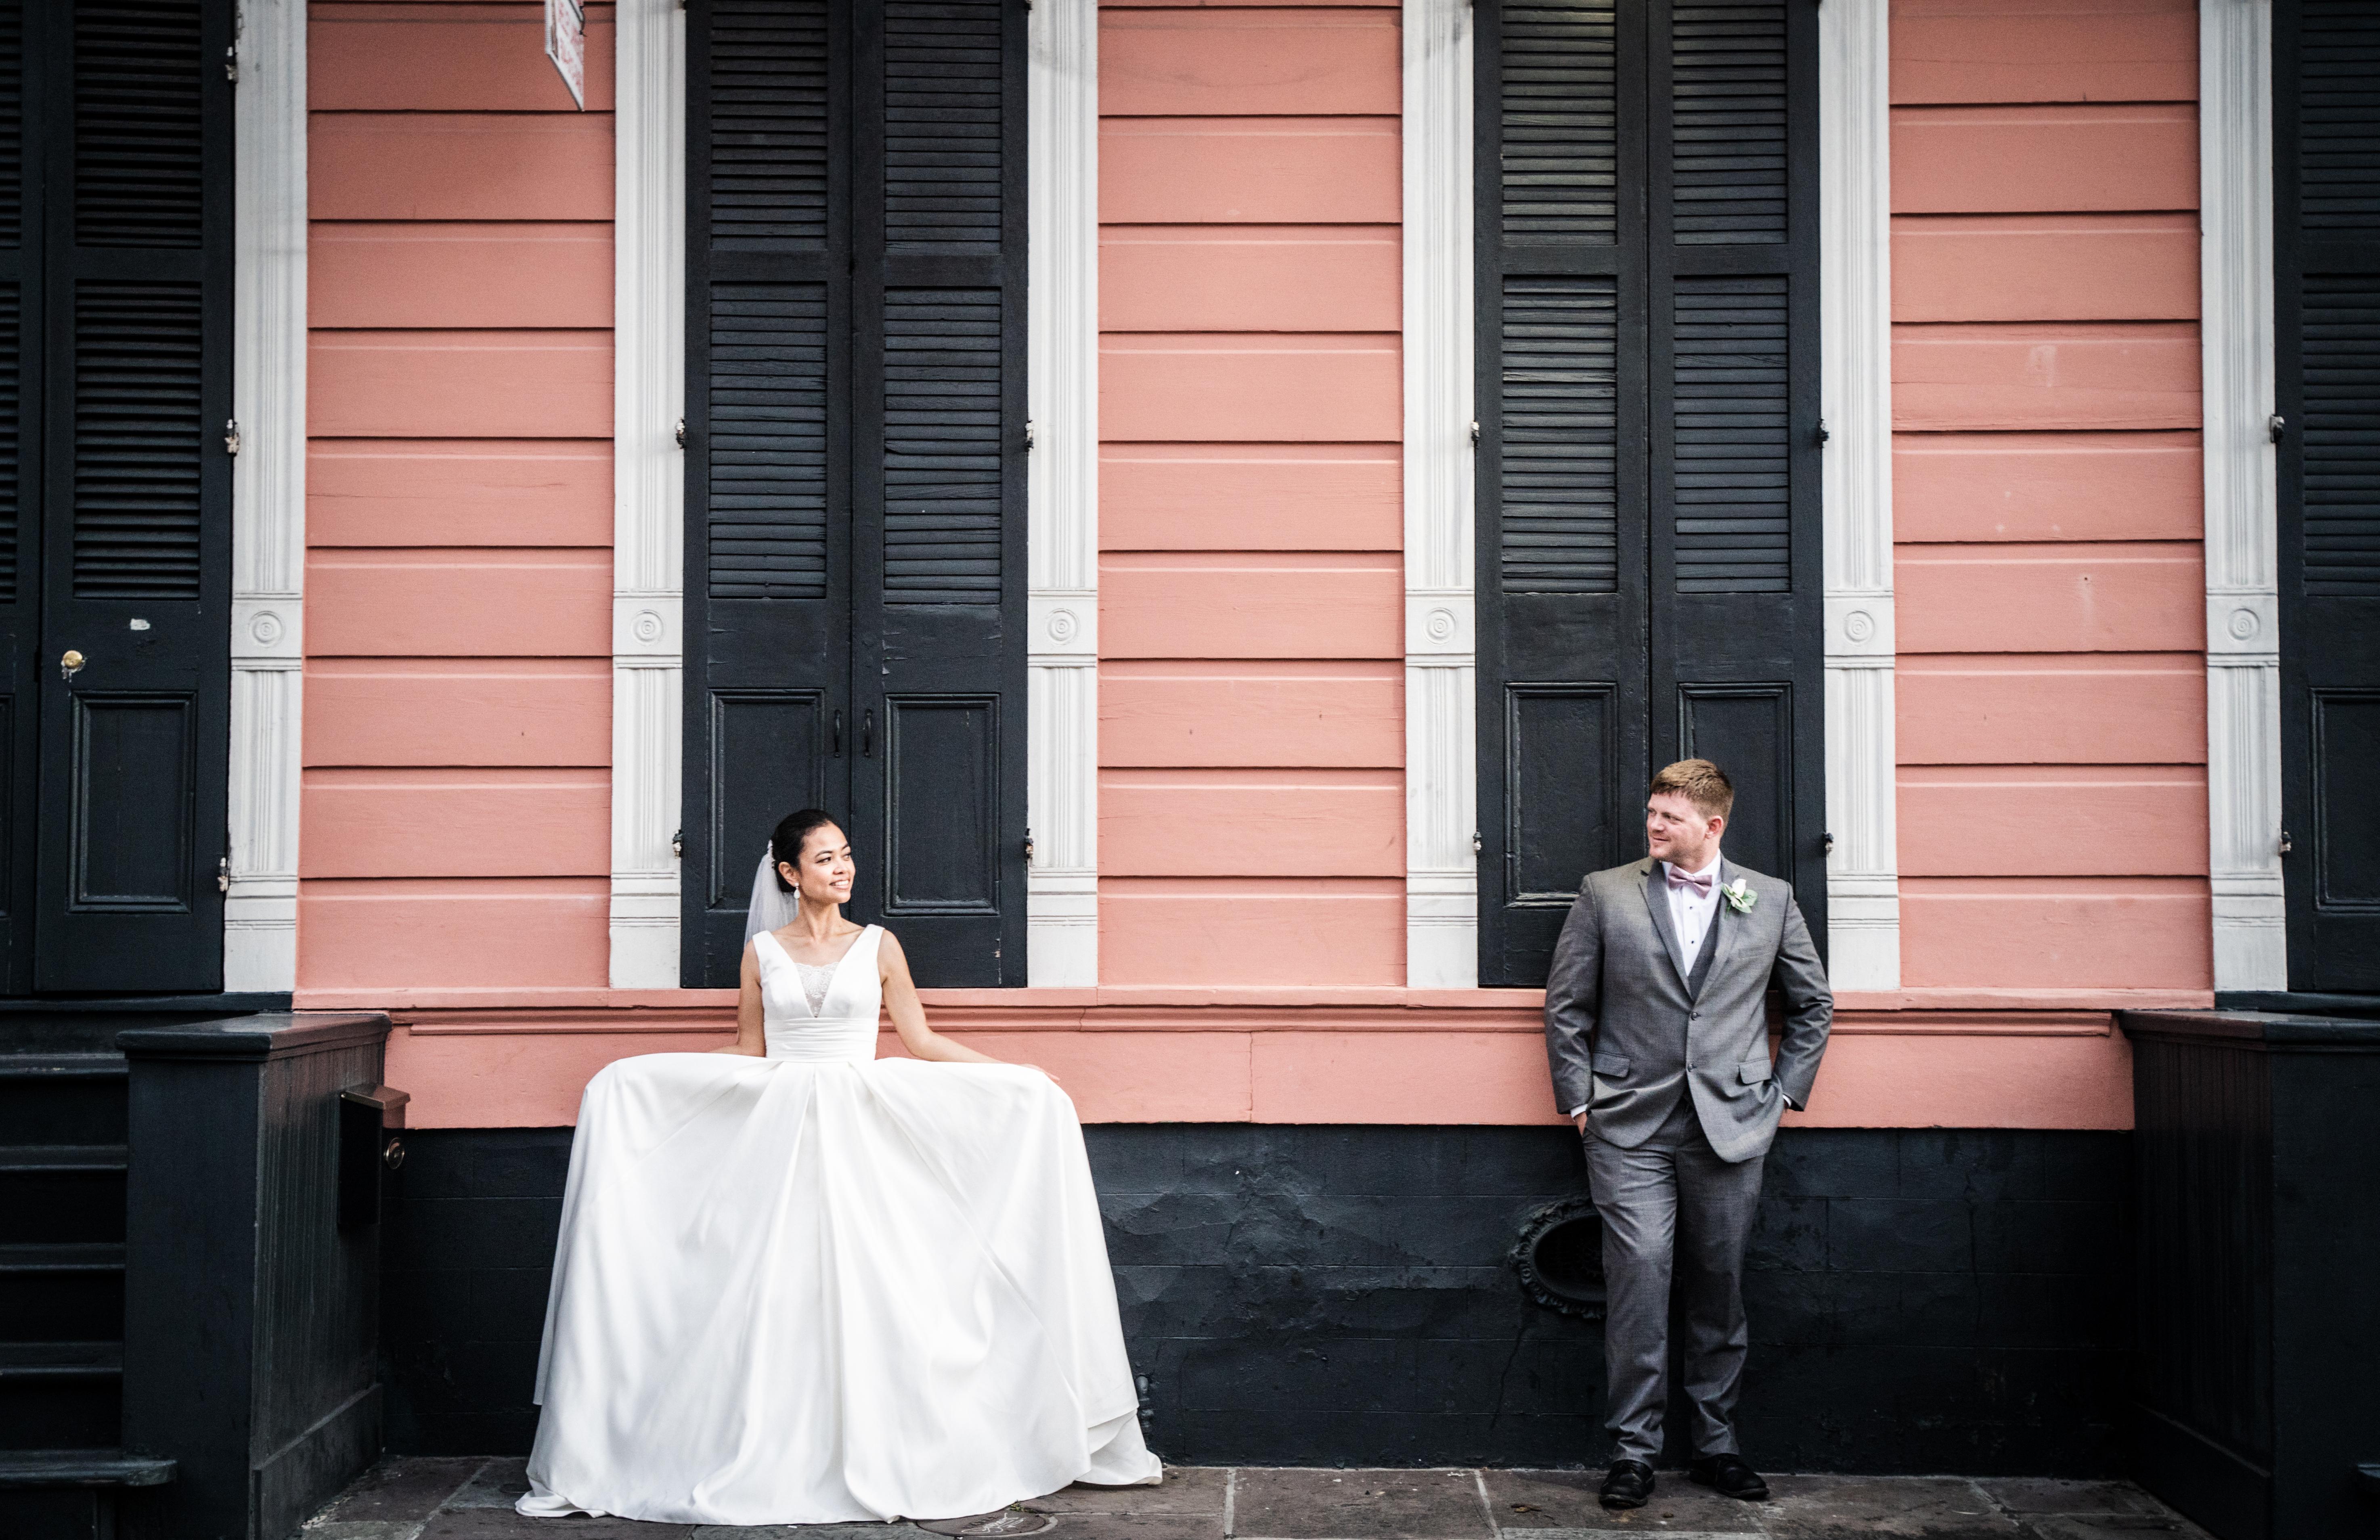 Engagement | Wedding